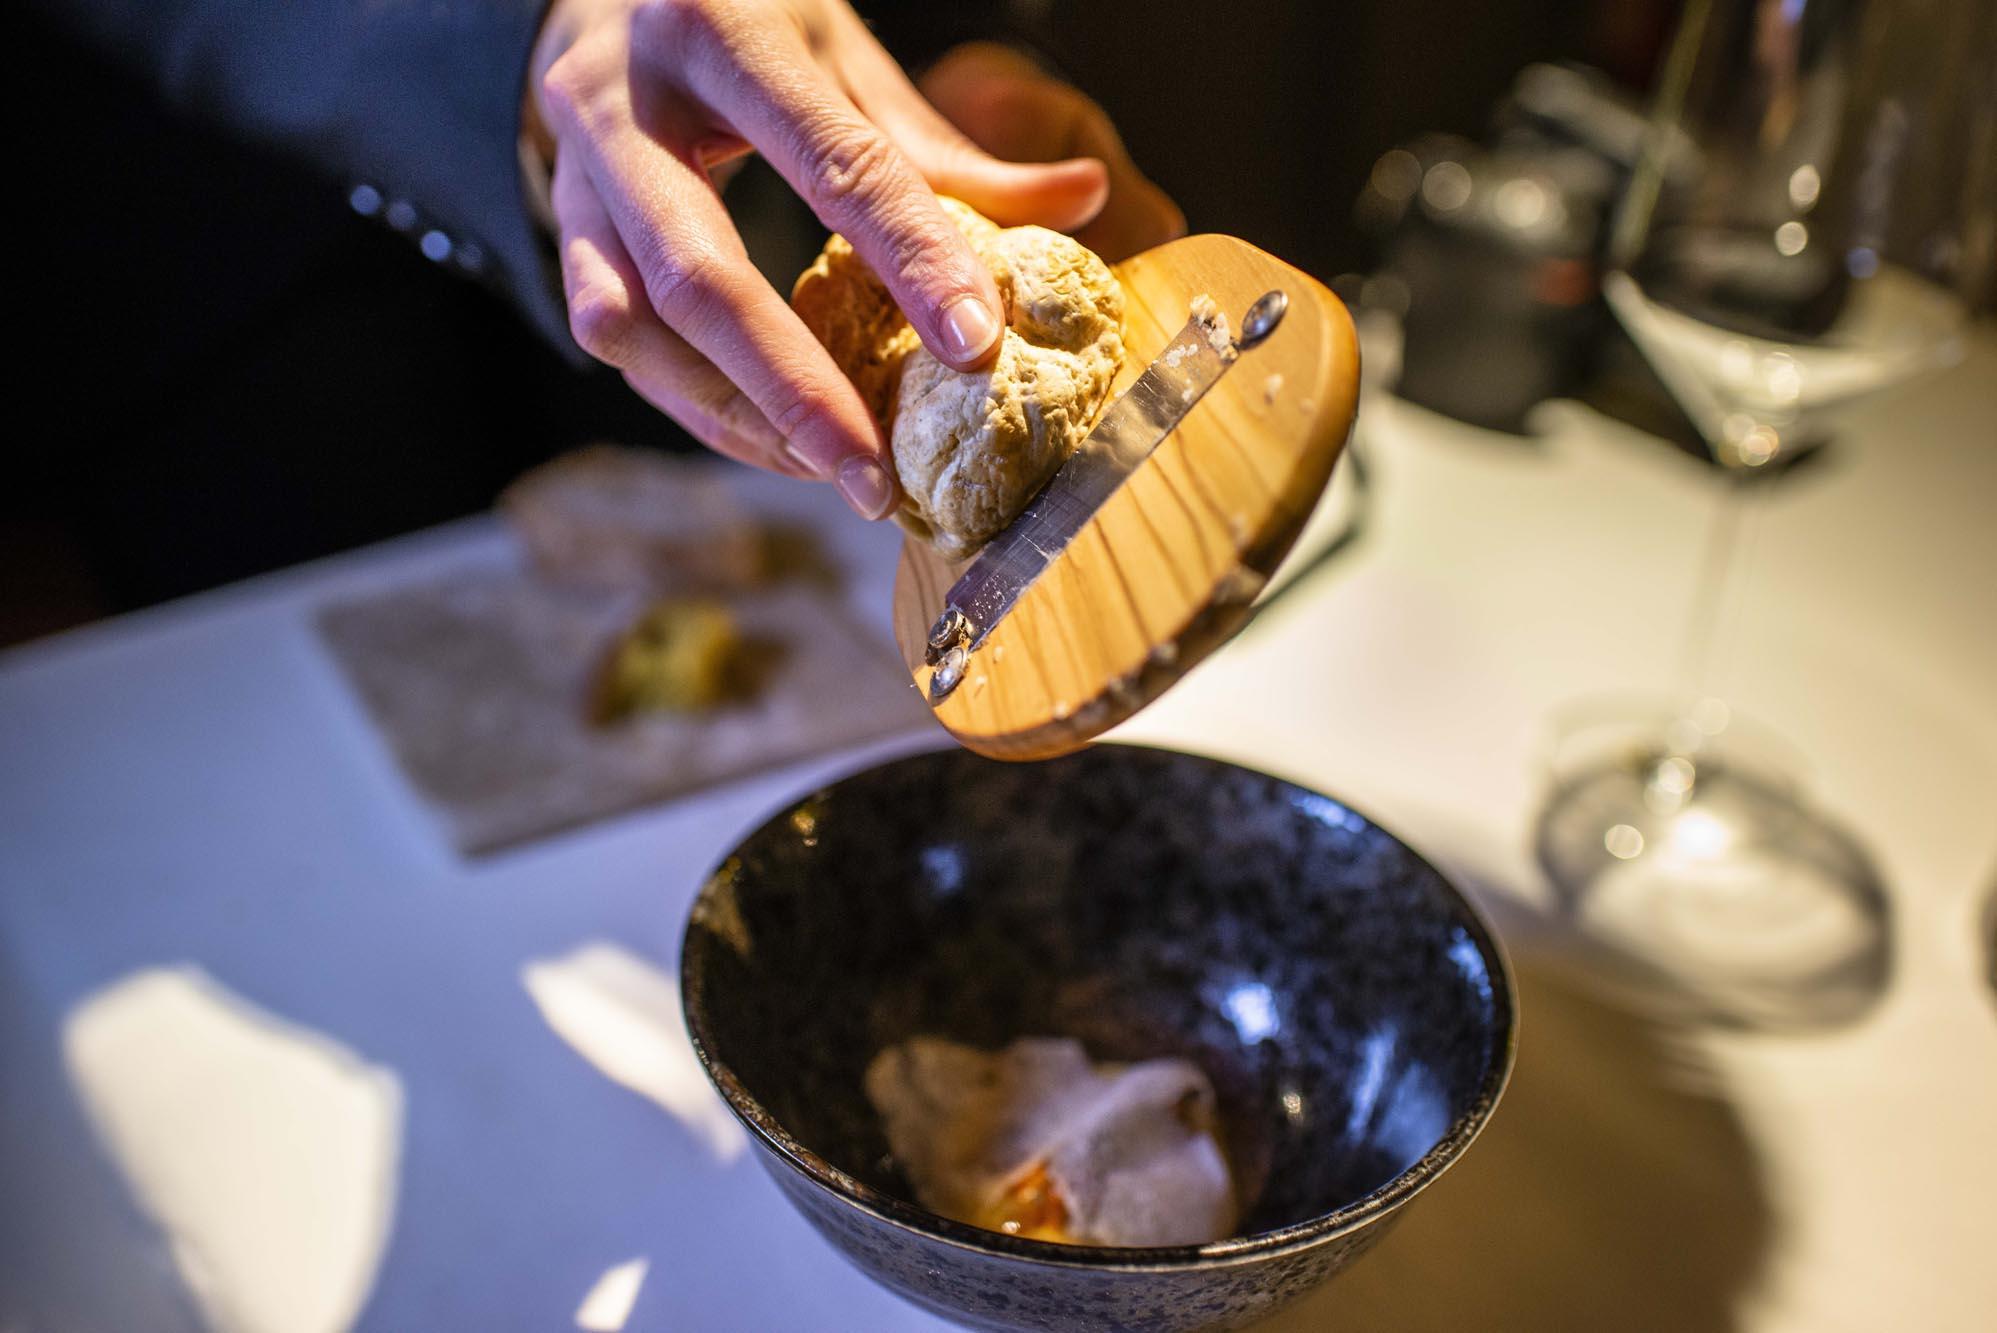 La trufa dulce de Hungría decora un plato de erizo con base de yema de huevo montada con mantequilla y brotes de hinojo.